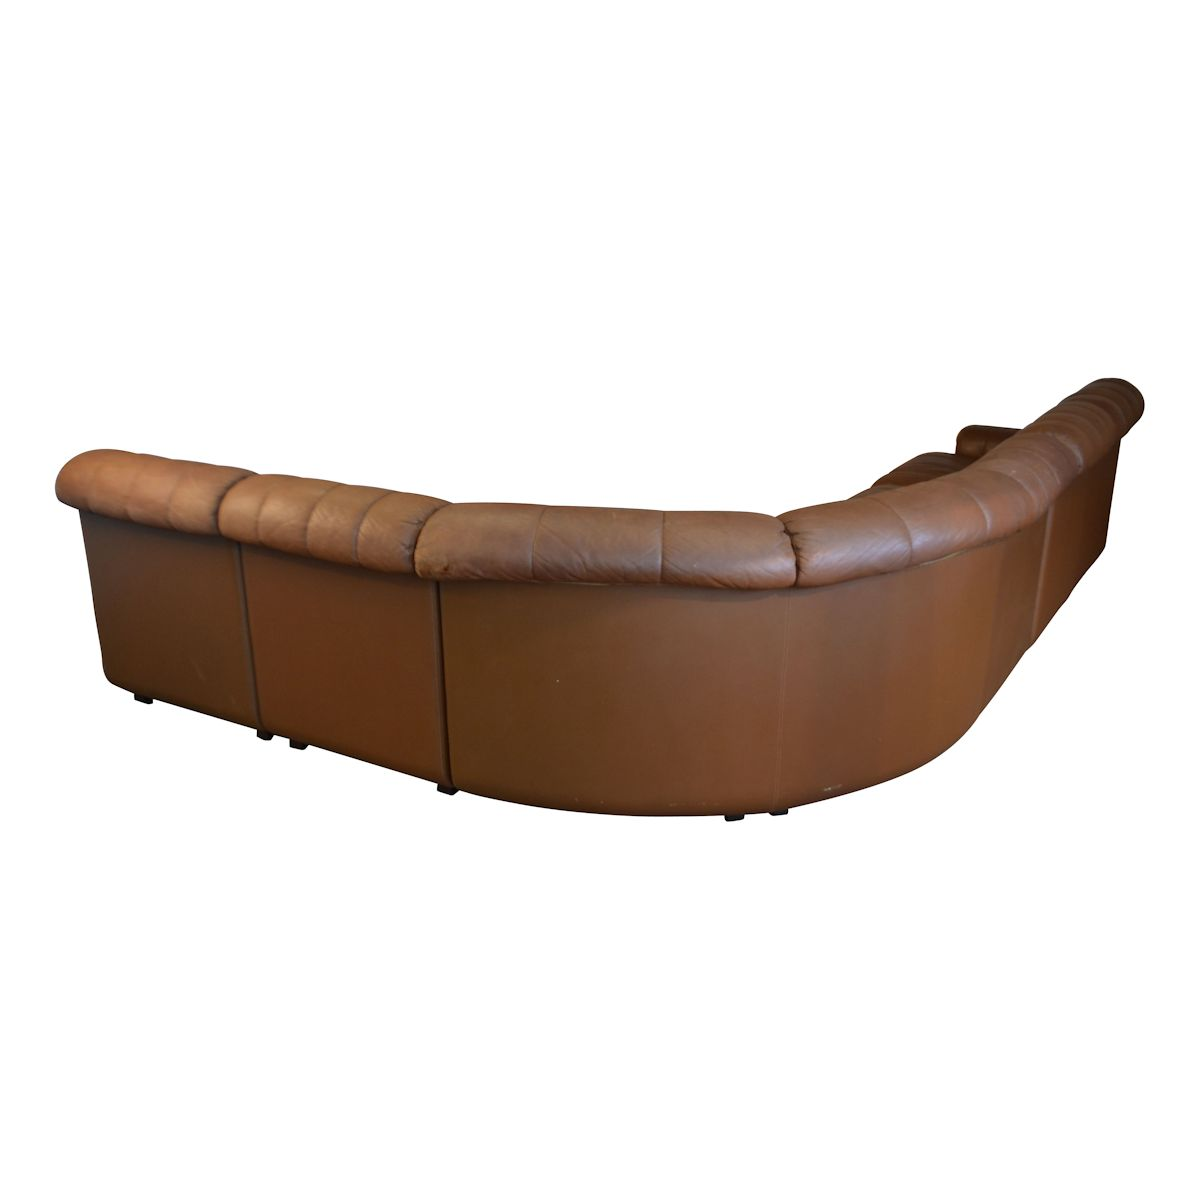 Leren Bank Vintage.Vintage Leather Corner Sofa By Skipper Vintage Vibes